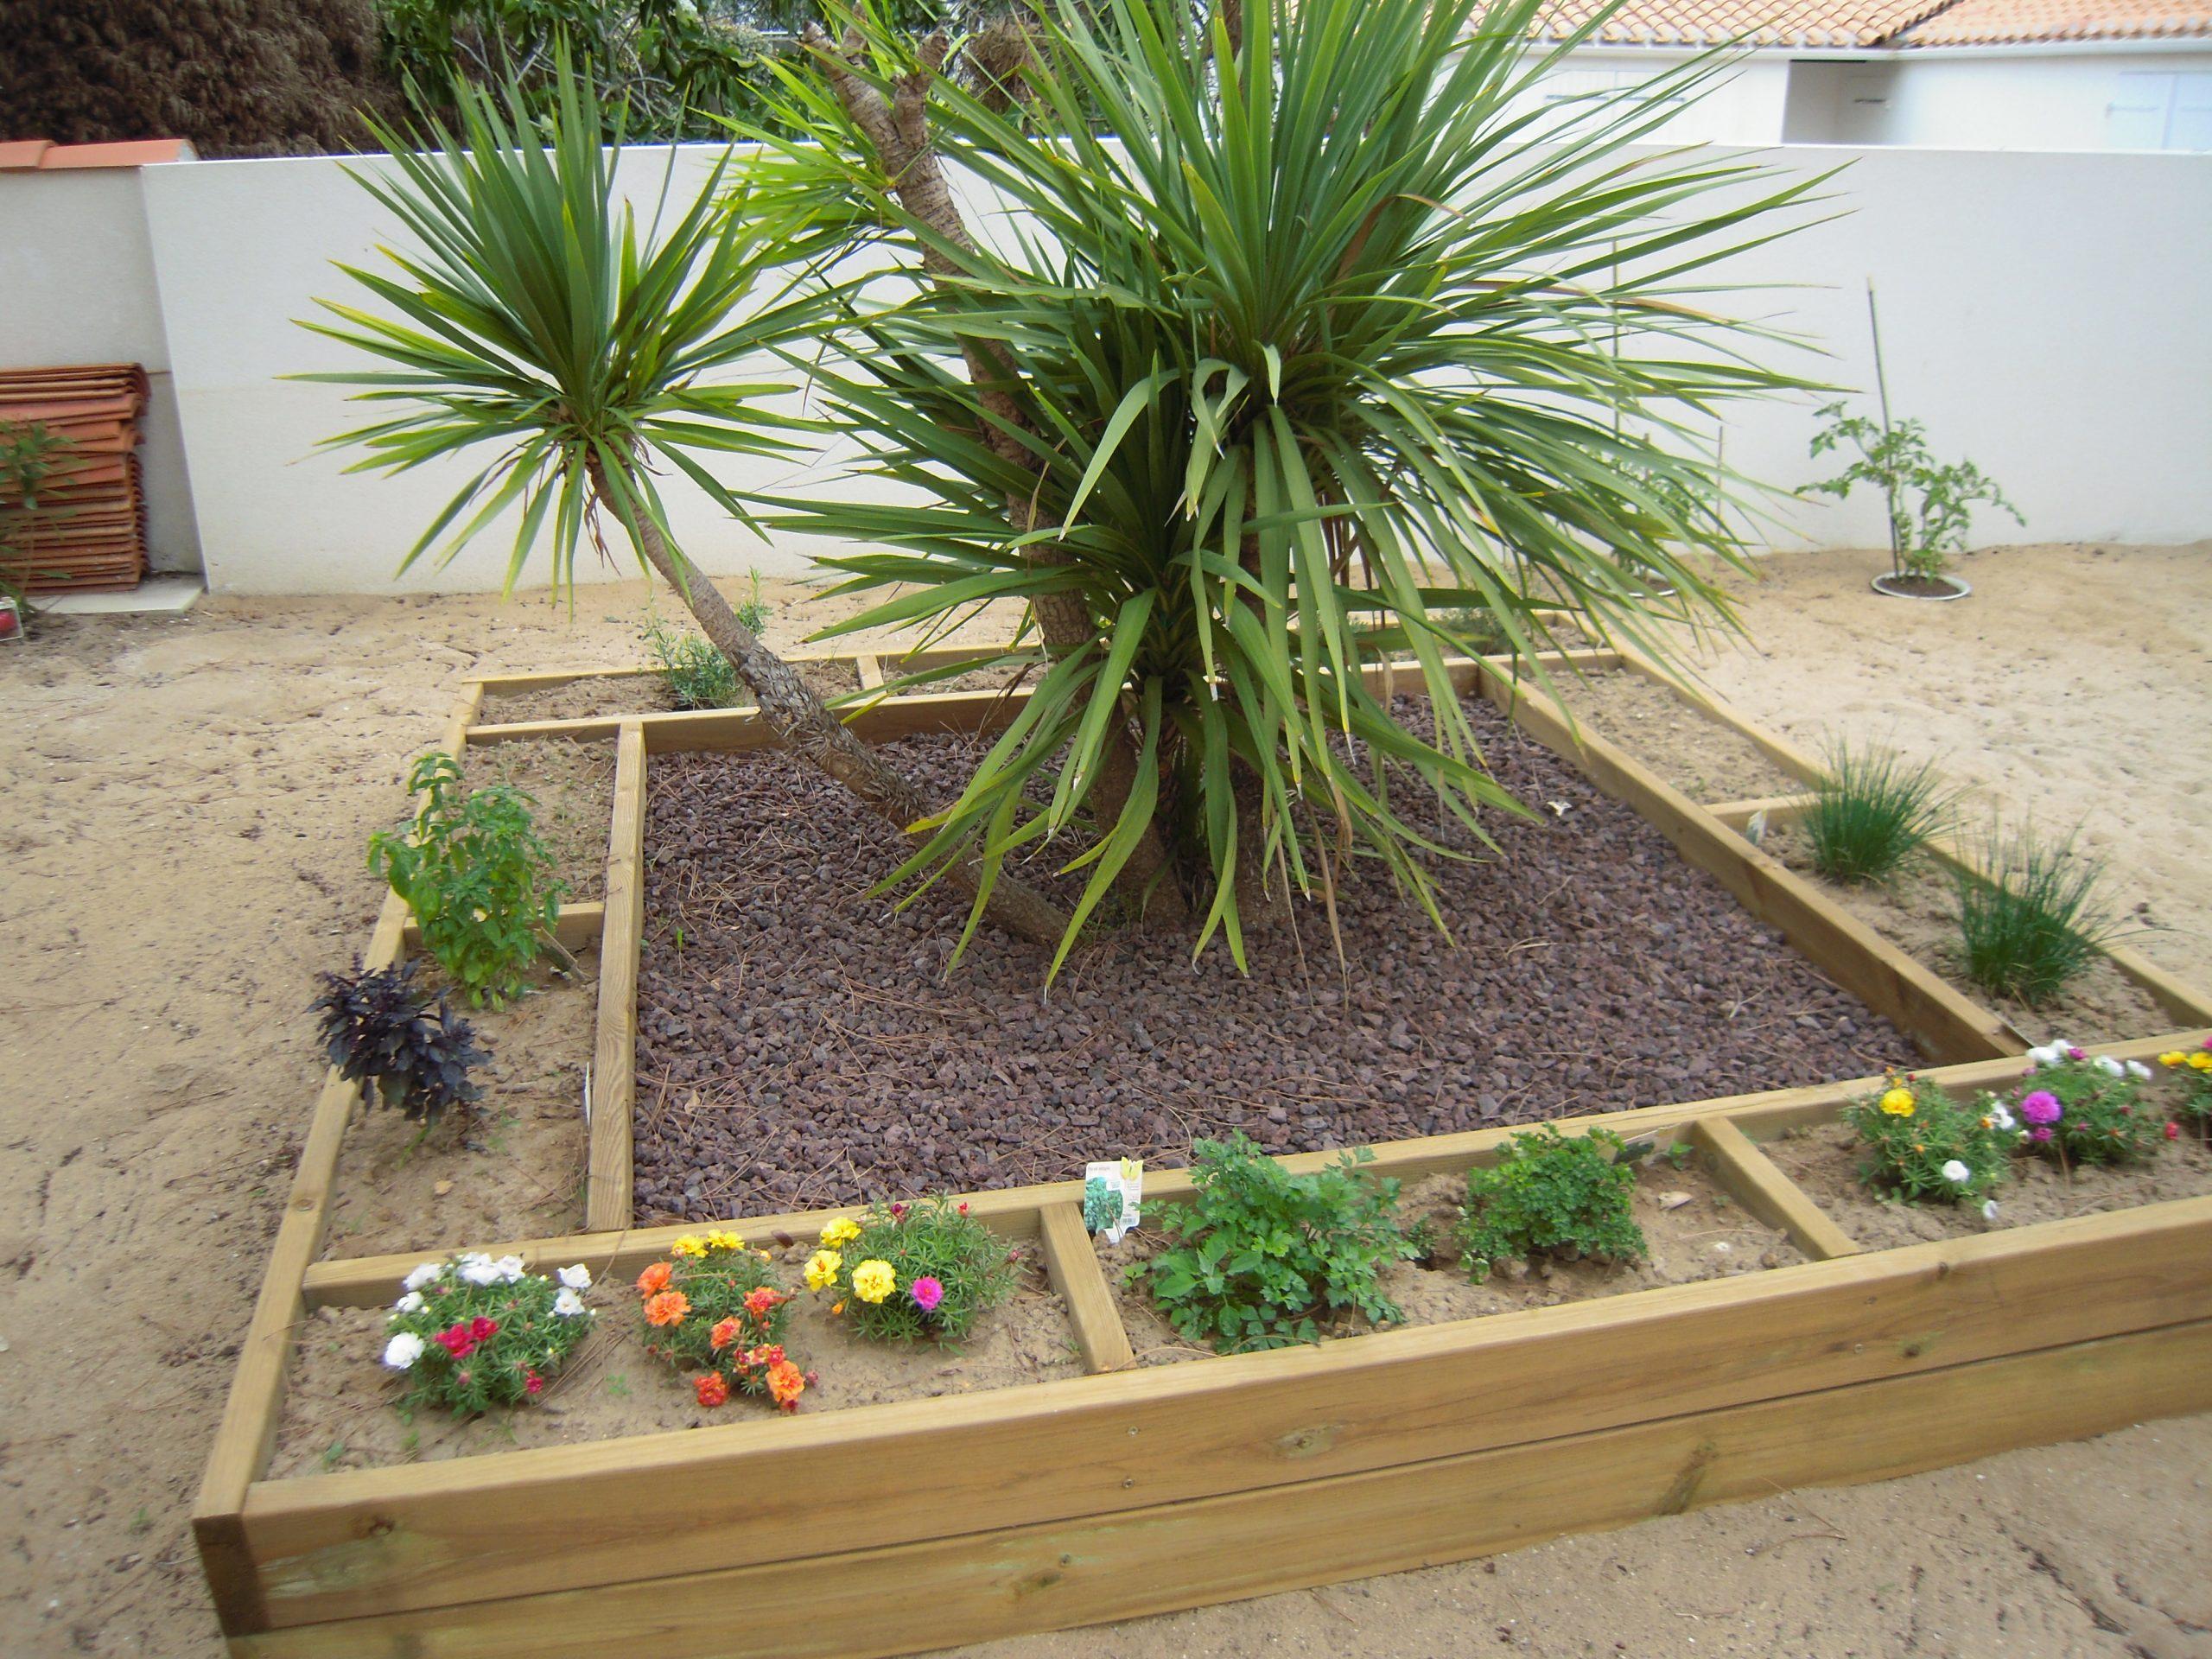 Bordures - Lerouvillois S. Aménagement De Jardins à Bordure Rondin Bois